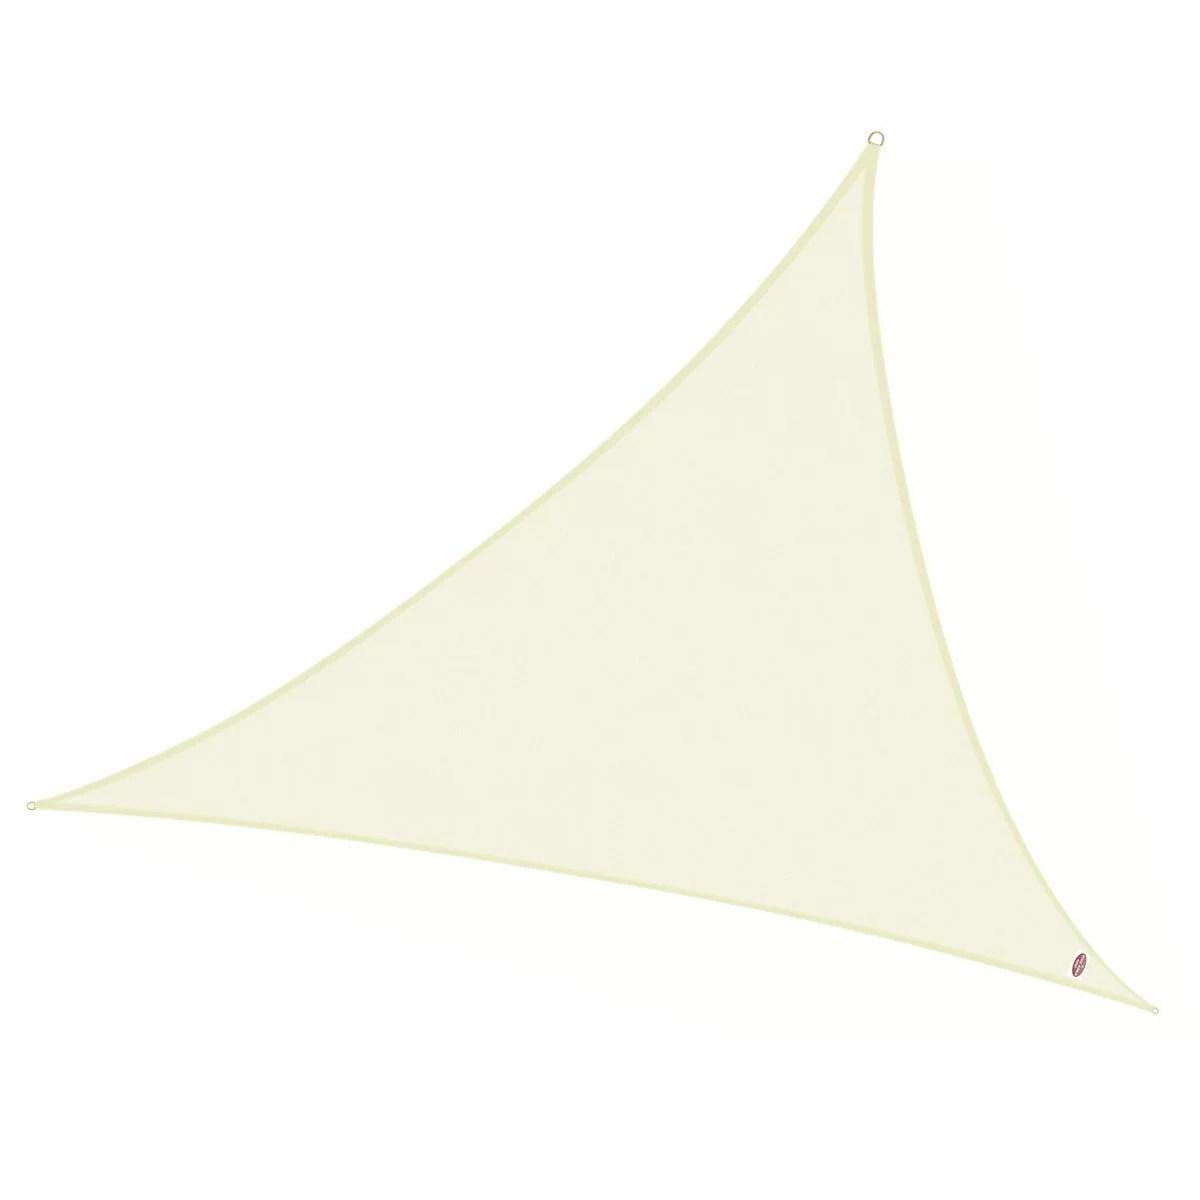 cool area triangle 11